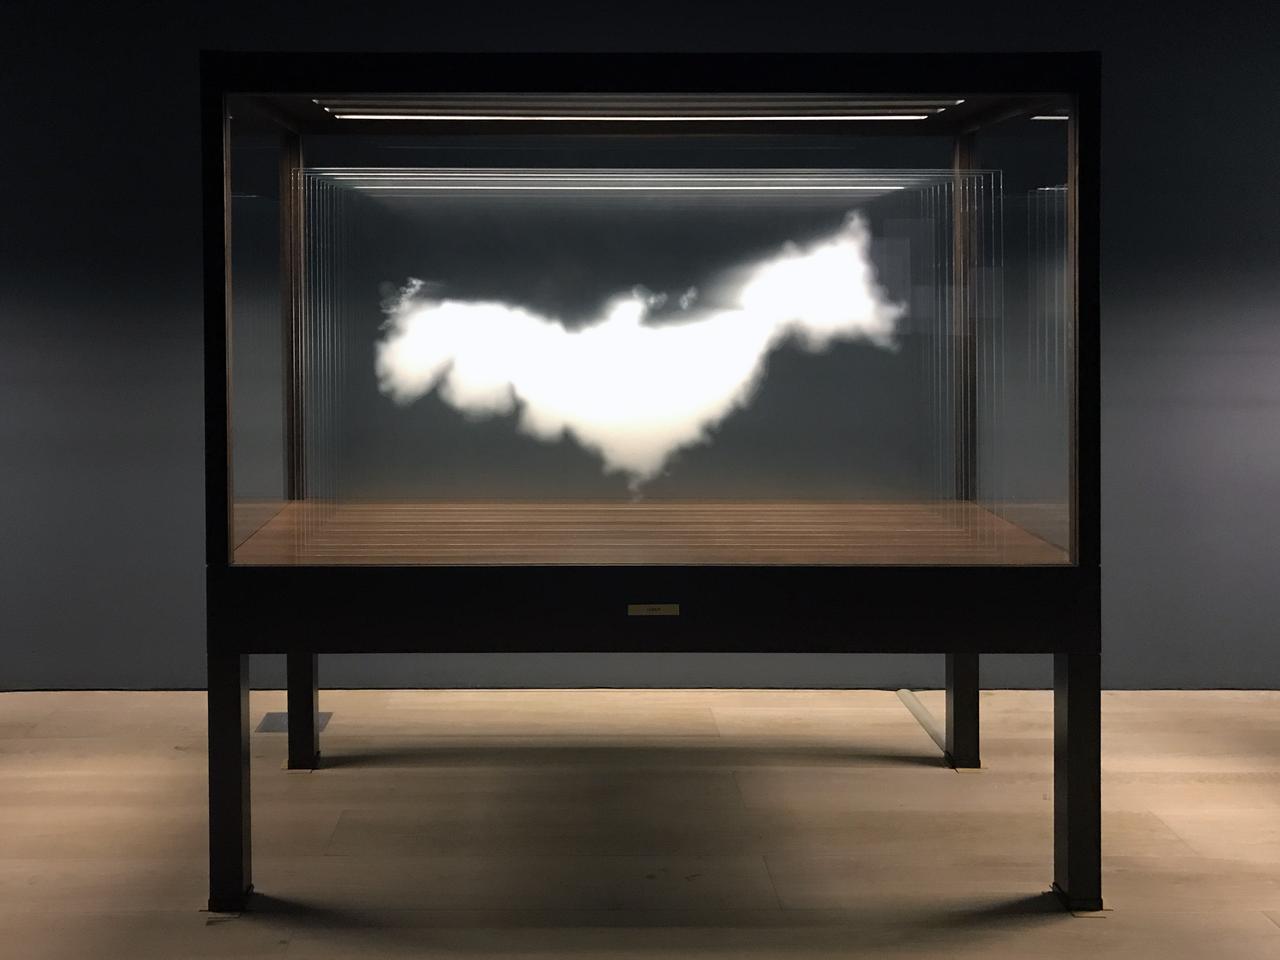 画像: 《雲(日本)》The Cloud (Japan) 2016 高透過ガラス、セラミック・インク、木材、照明 Ultra clear glass, ceramic ink, wood, light  199.5 × 205 × 81 cm 作家蔵| Collection of the Artist Courtesy: Sean Kelly Gallery and Art Front Gallery photo©cinefil:ms